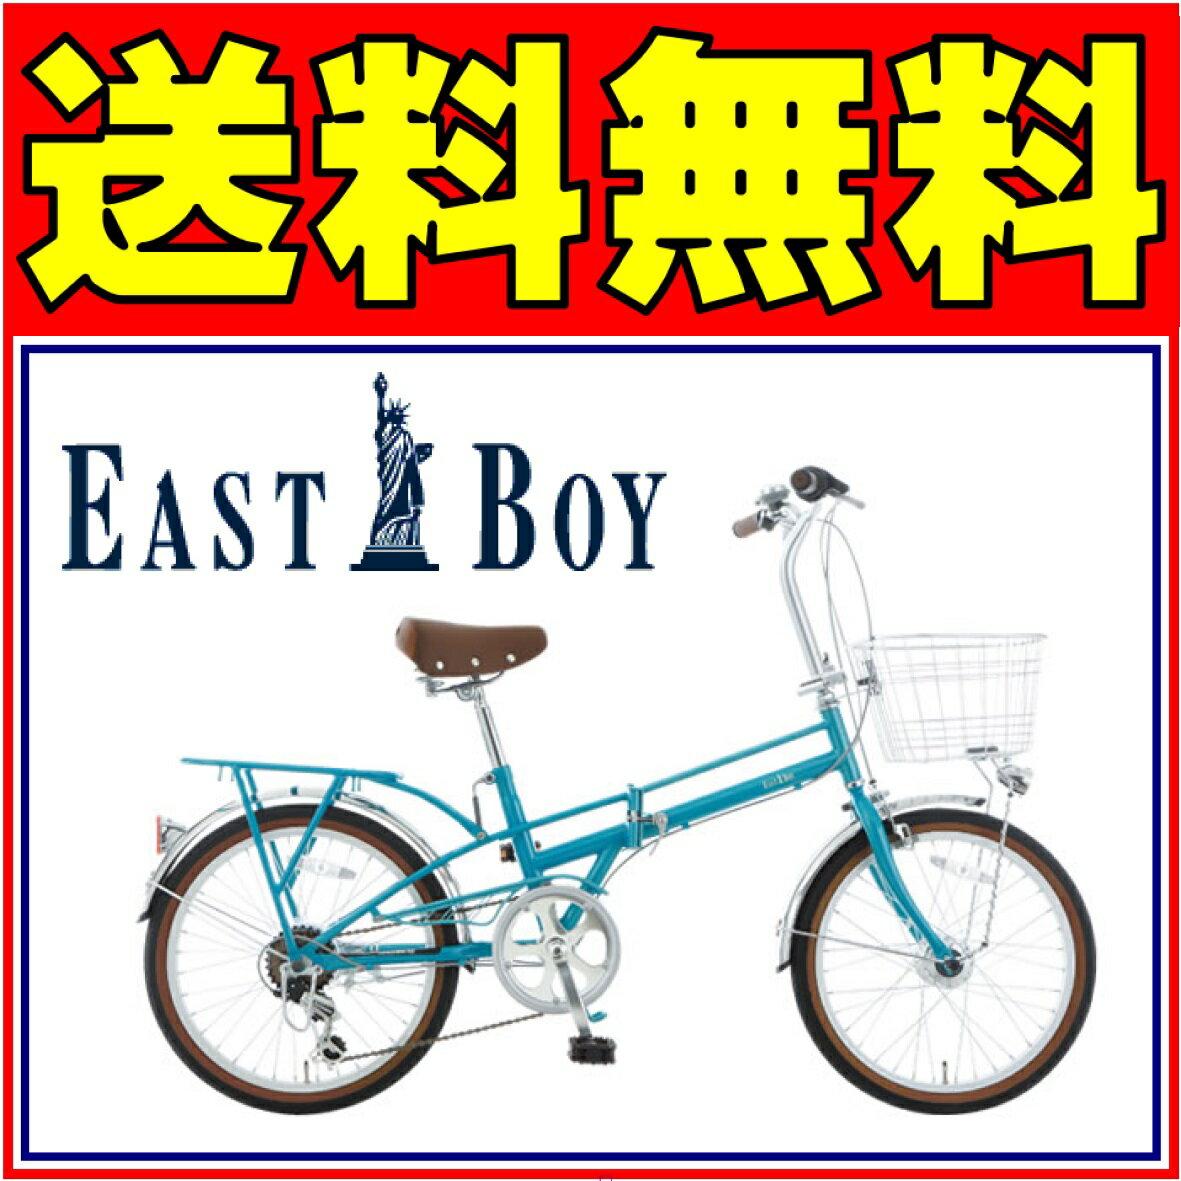 送料無料 EASTBOY イーストボーイ 自転車 シティサイクル(オーシャンブルー)<女子高生、女子中学生の通学に最適>折りたたみ2017年【外装6段ギア シティ車 20インチ LEDオートライト イーストボーイ 自転車 コンパクトに折りたたむことができるので、いざというときは車に積んで持ち運びできます。小さいタイヤでもグングン進む、快適な乗り心地のイーストボーイ。